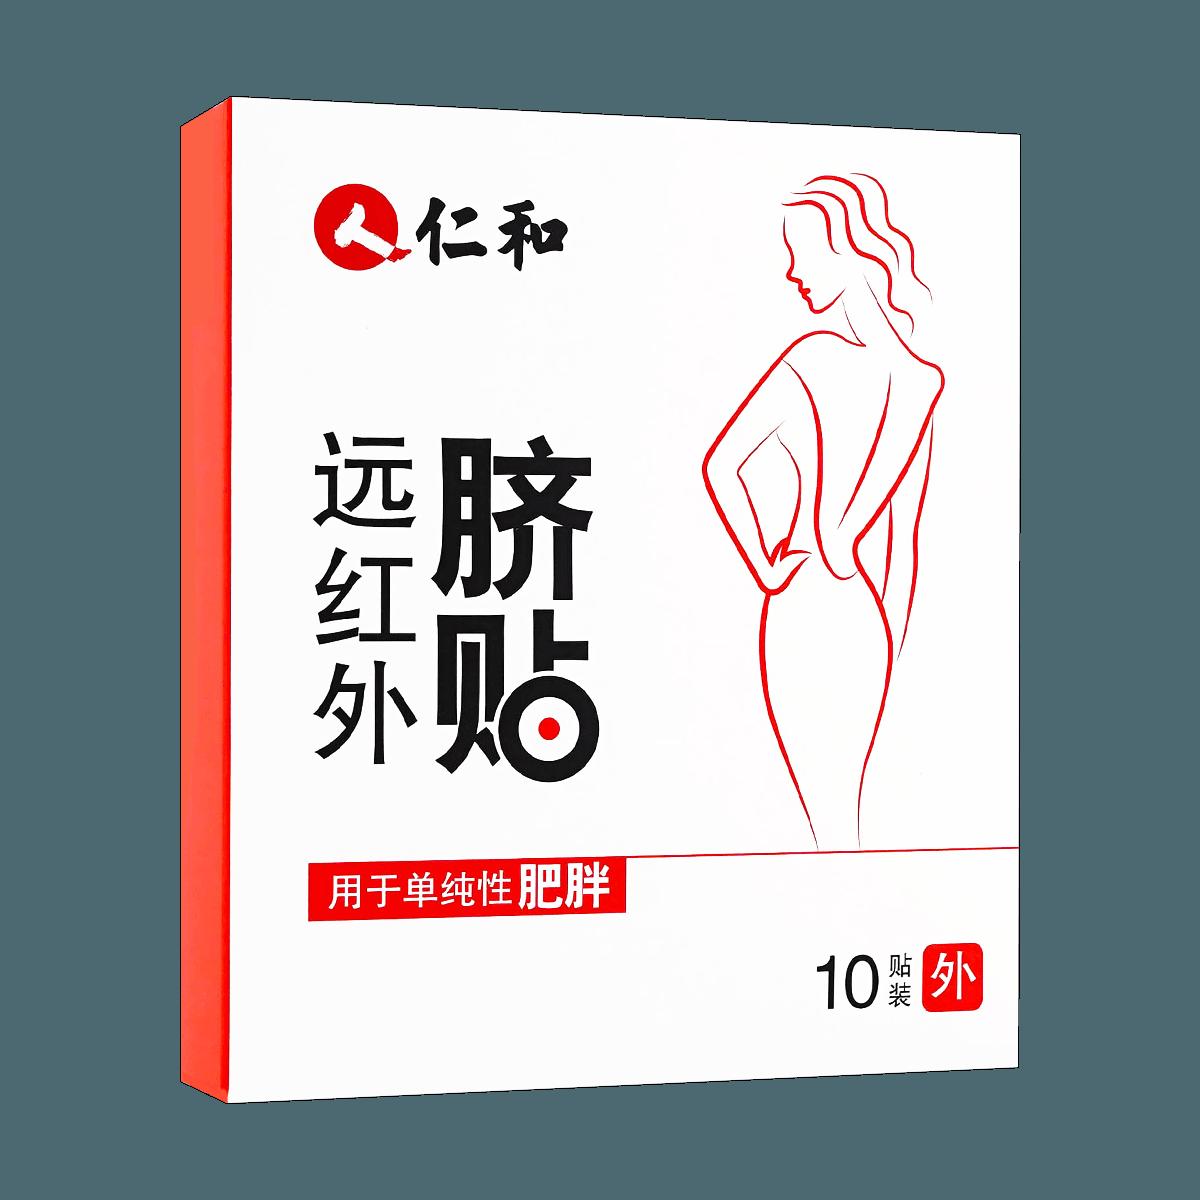 仁和 远红外肚脐贴 减肥瘦身 10片 怎么样 - 亚米网